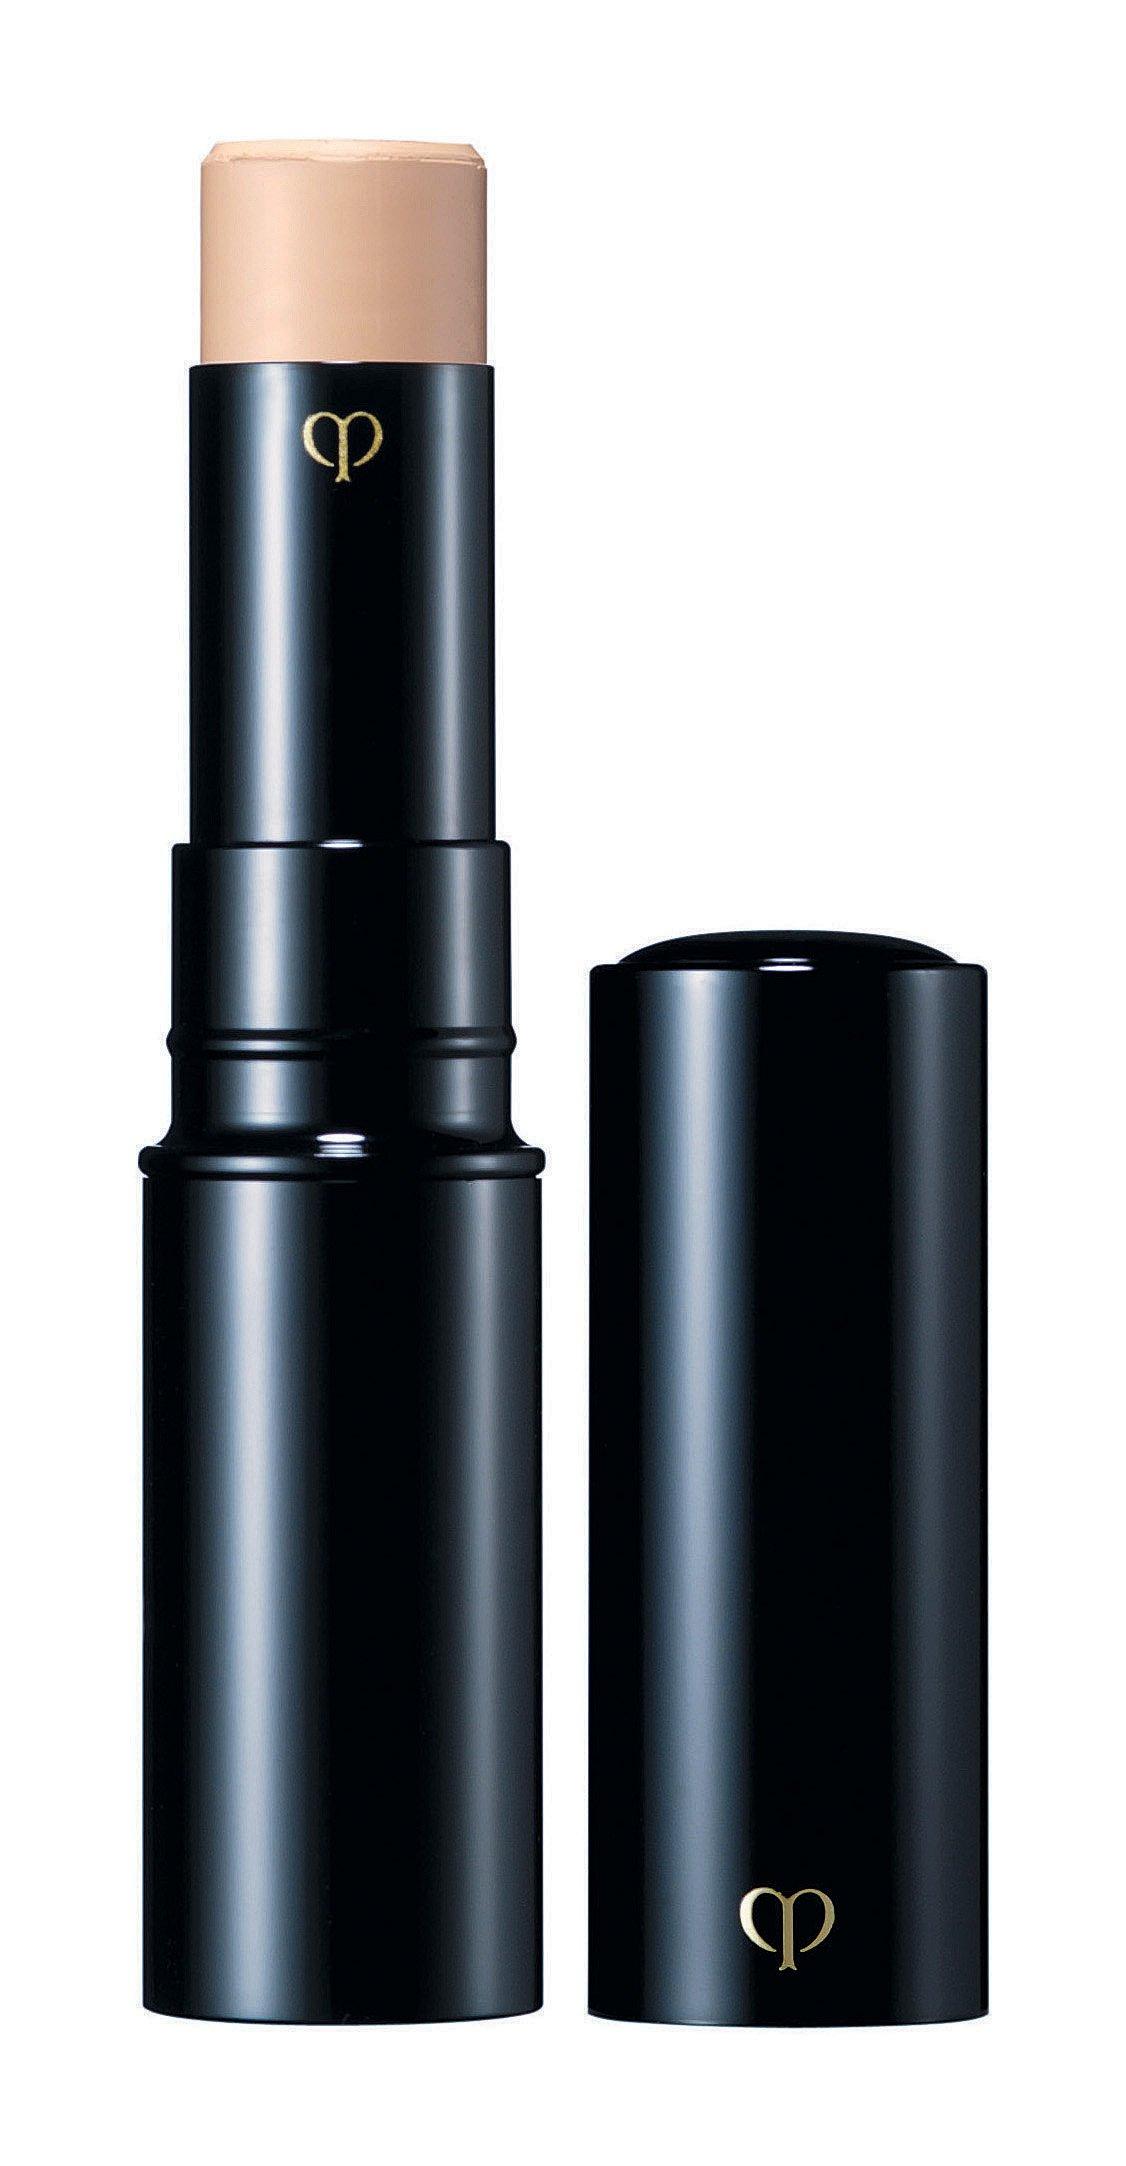 Makeup - Cle De Peau - Concealer - Ivory 5g/0.17oz